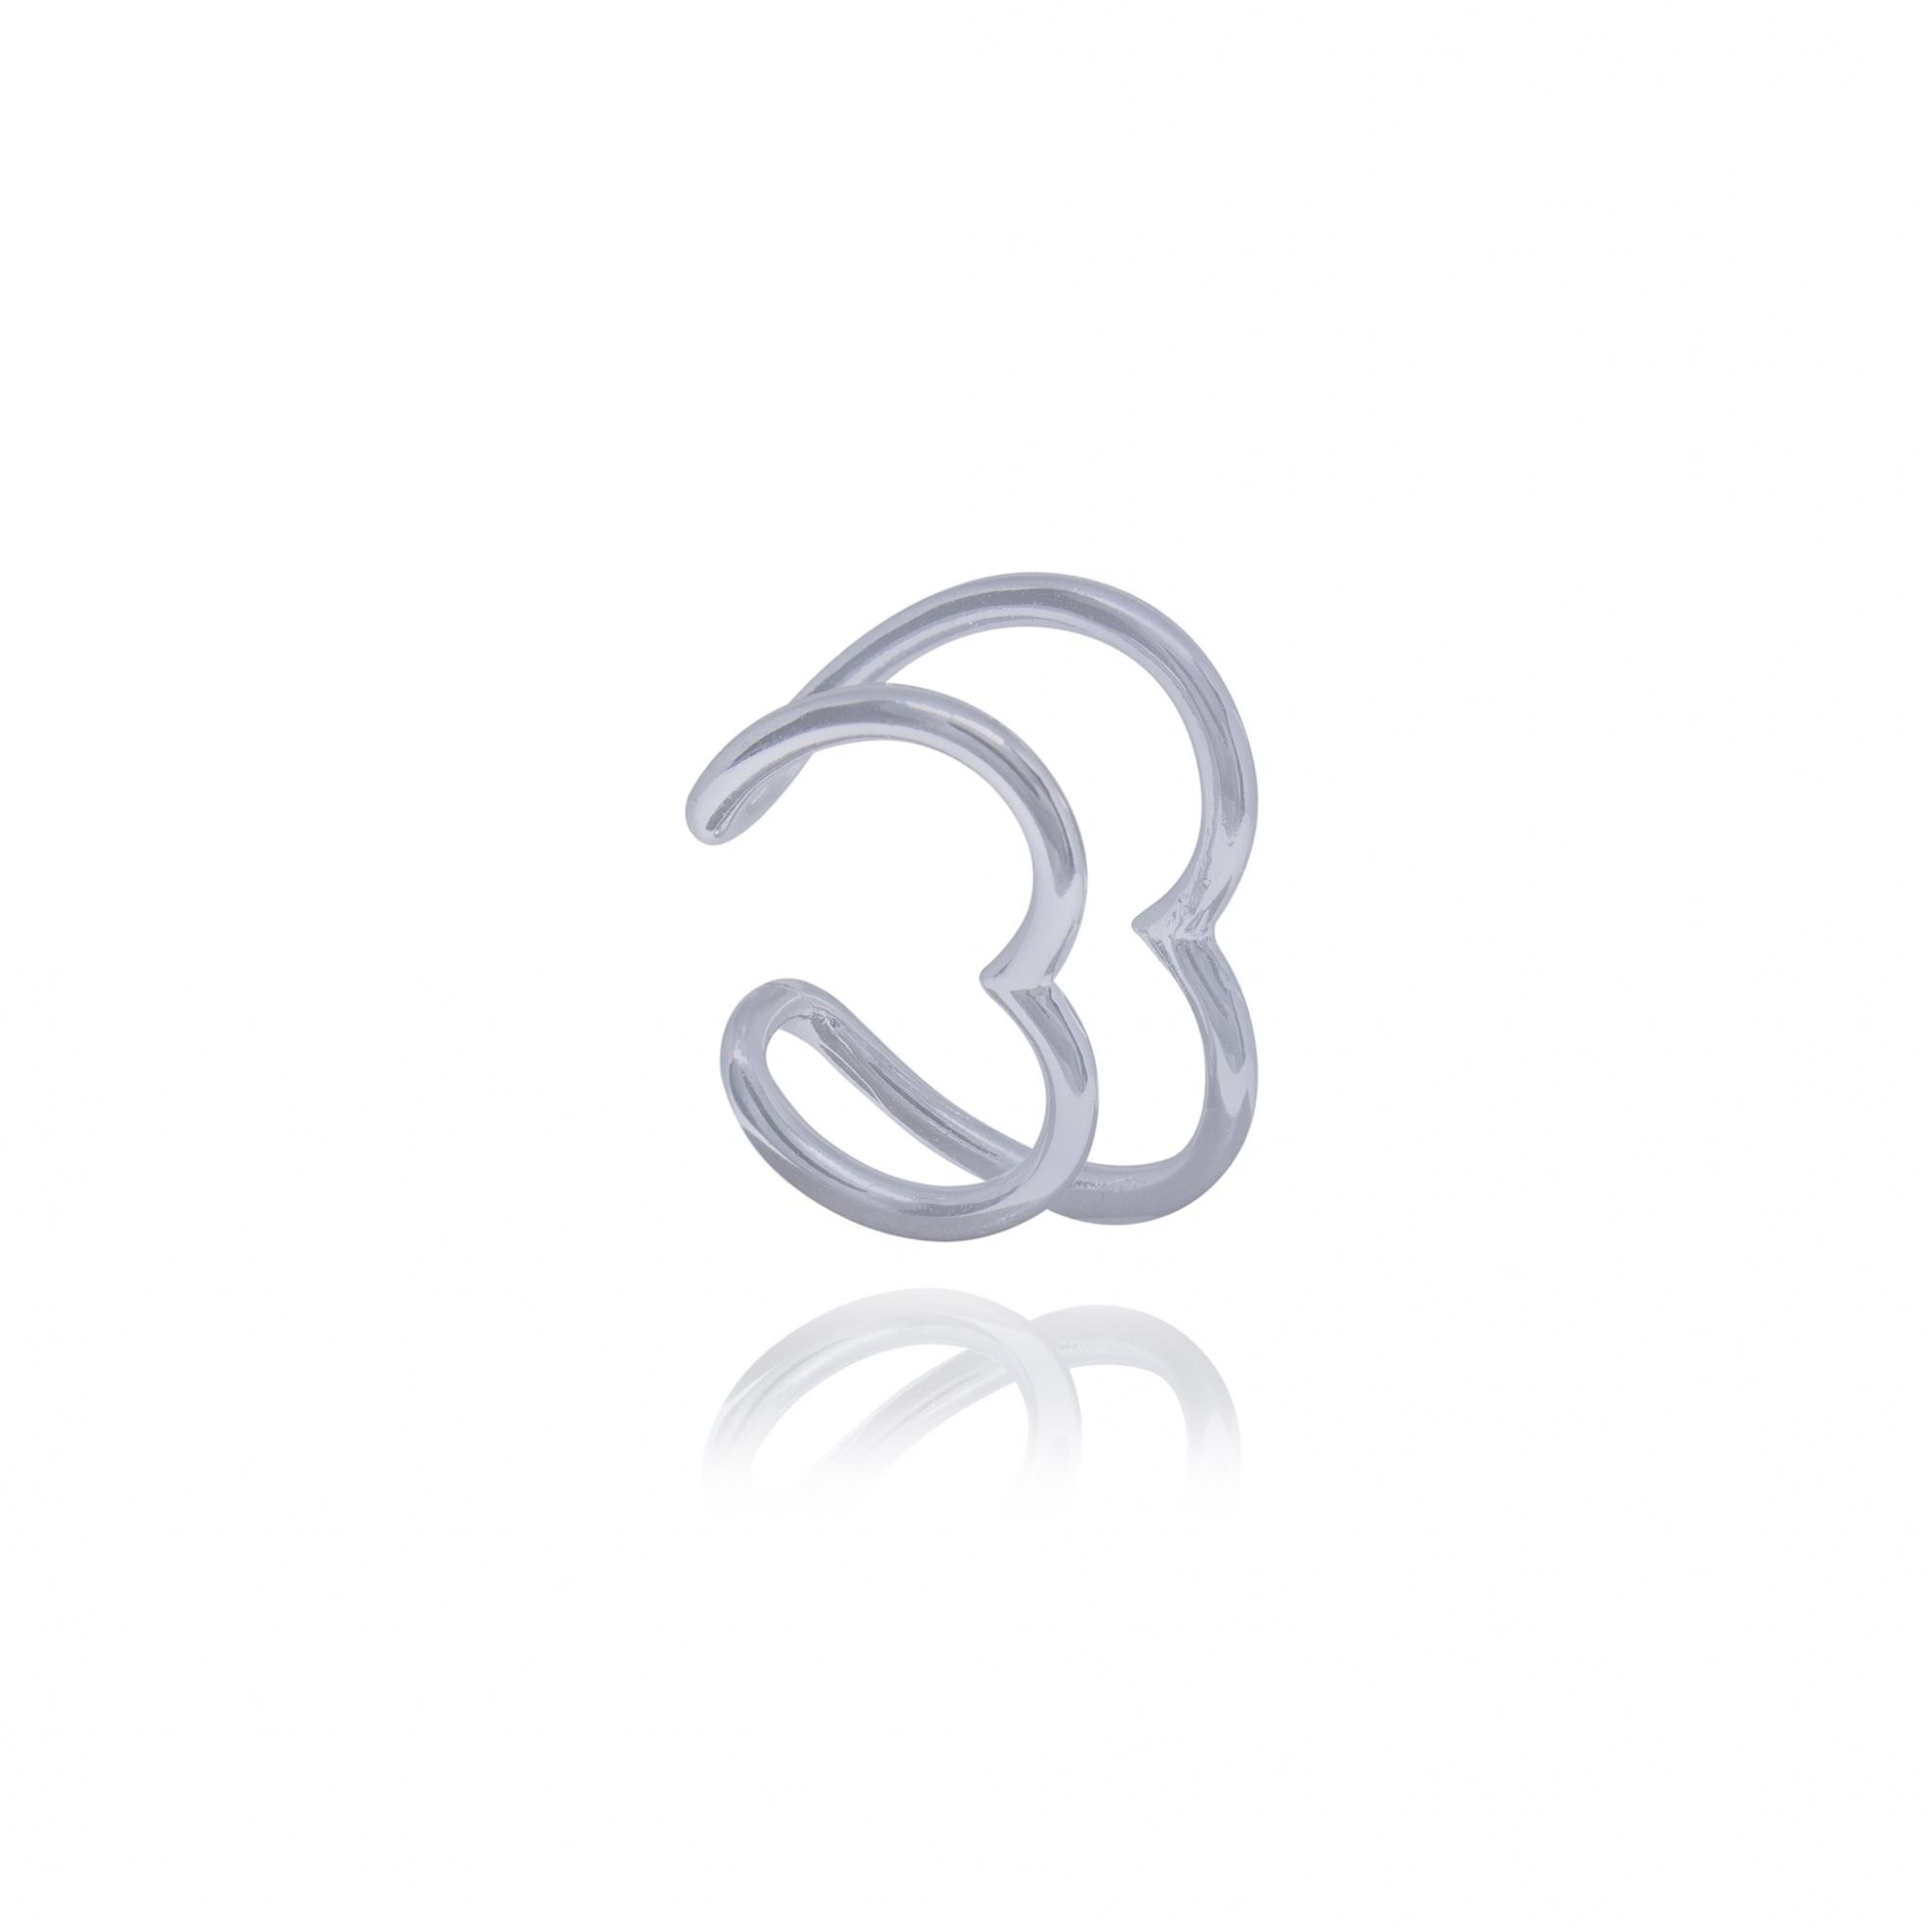 Brinco Earhook semijoia de encaixe coração duplo em Platina